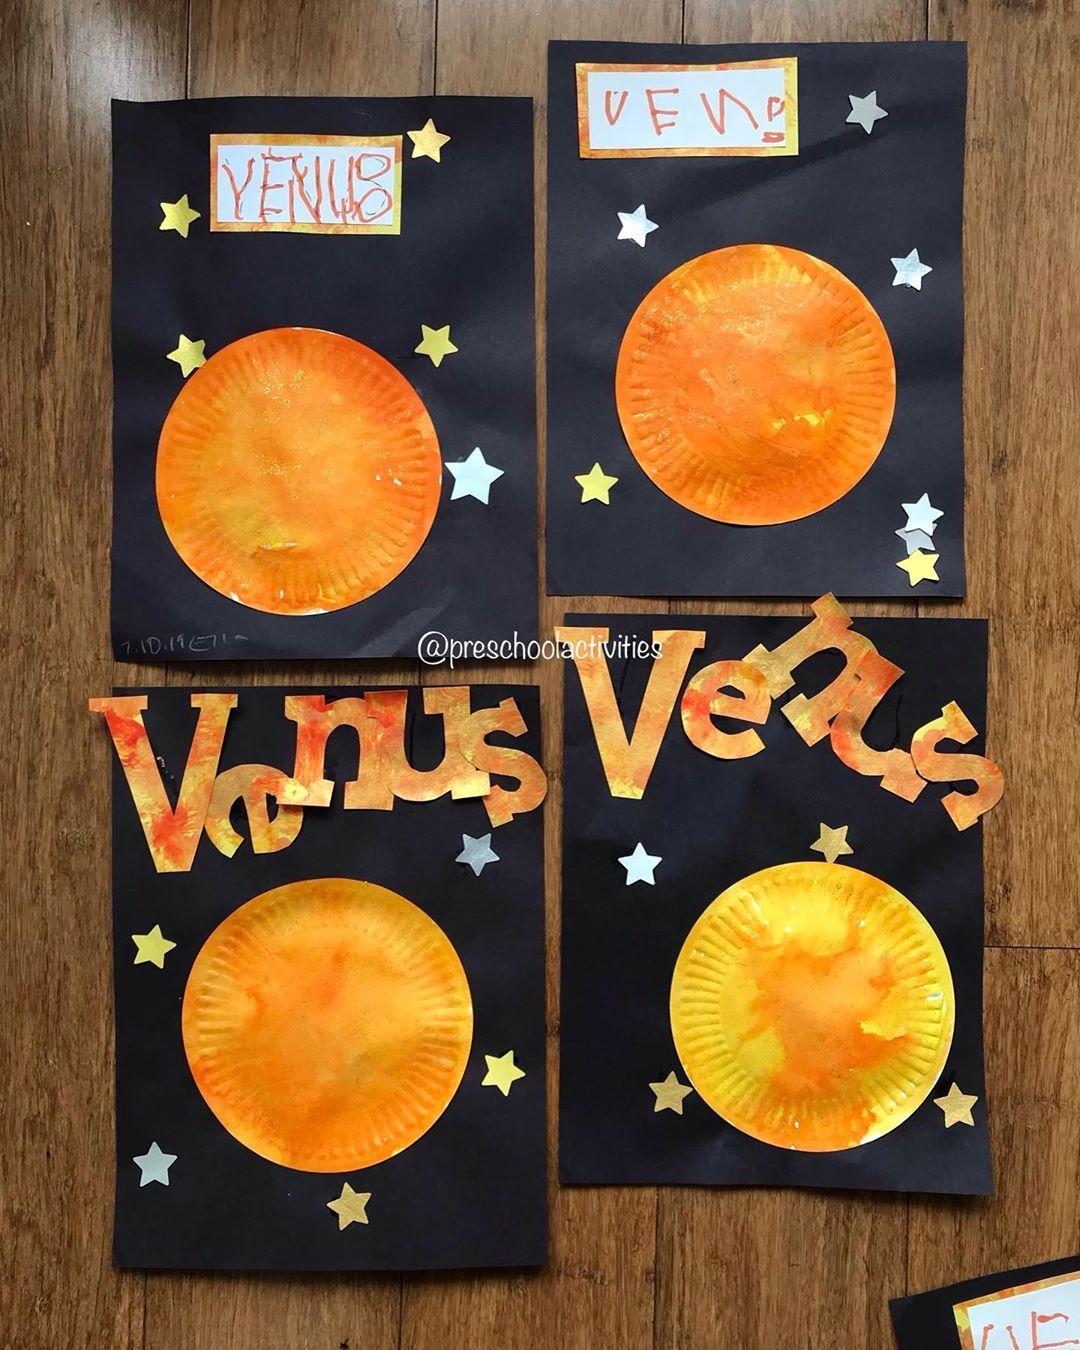 Preschool Activities On Instagram Venus Outer Space